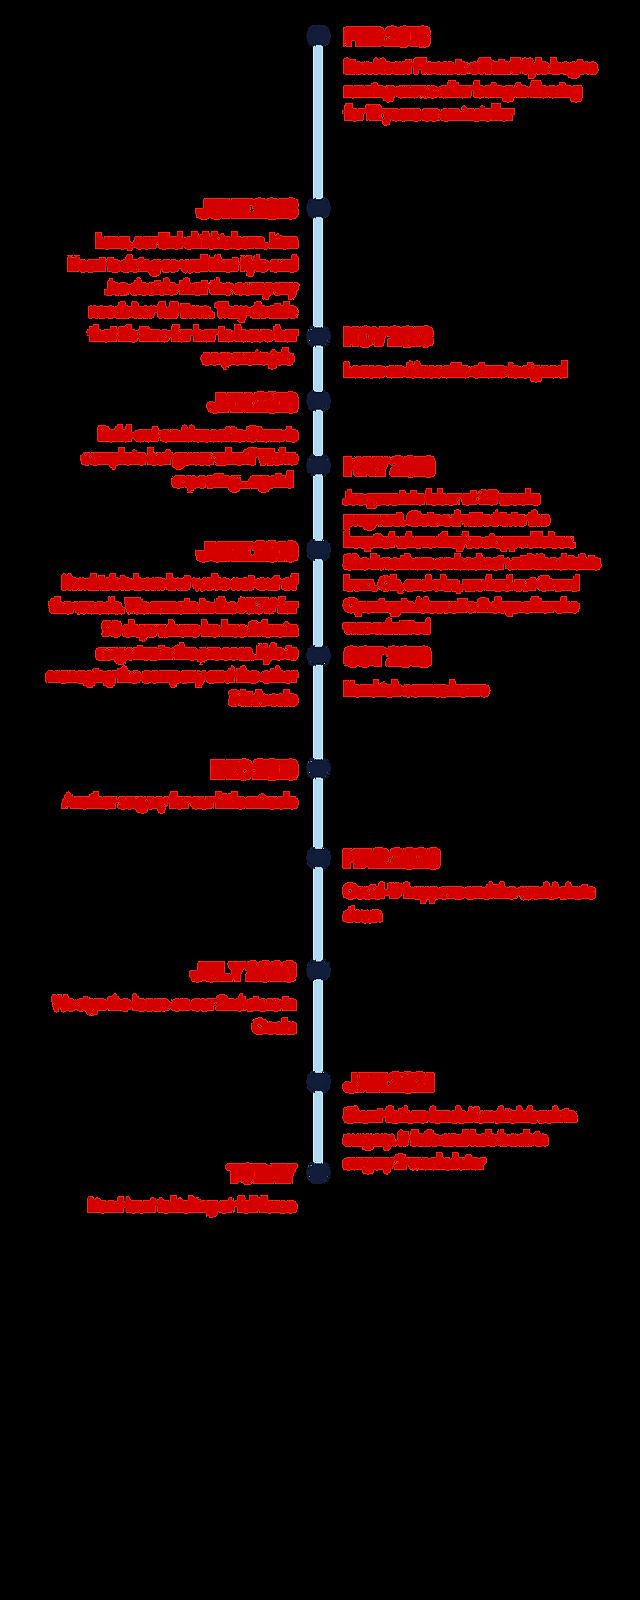 Lion Heart timeline (2).png